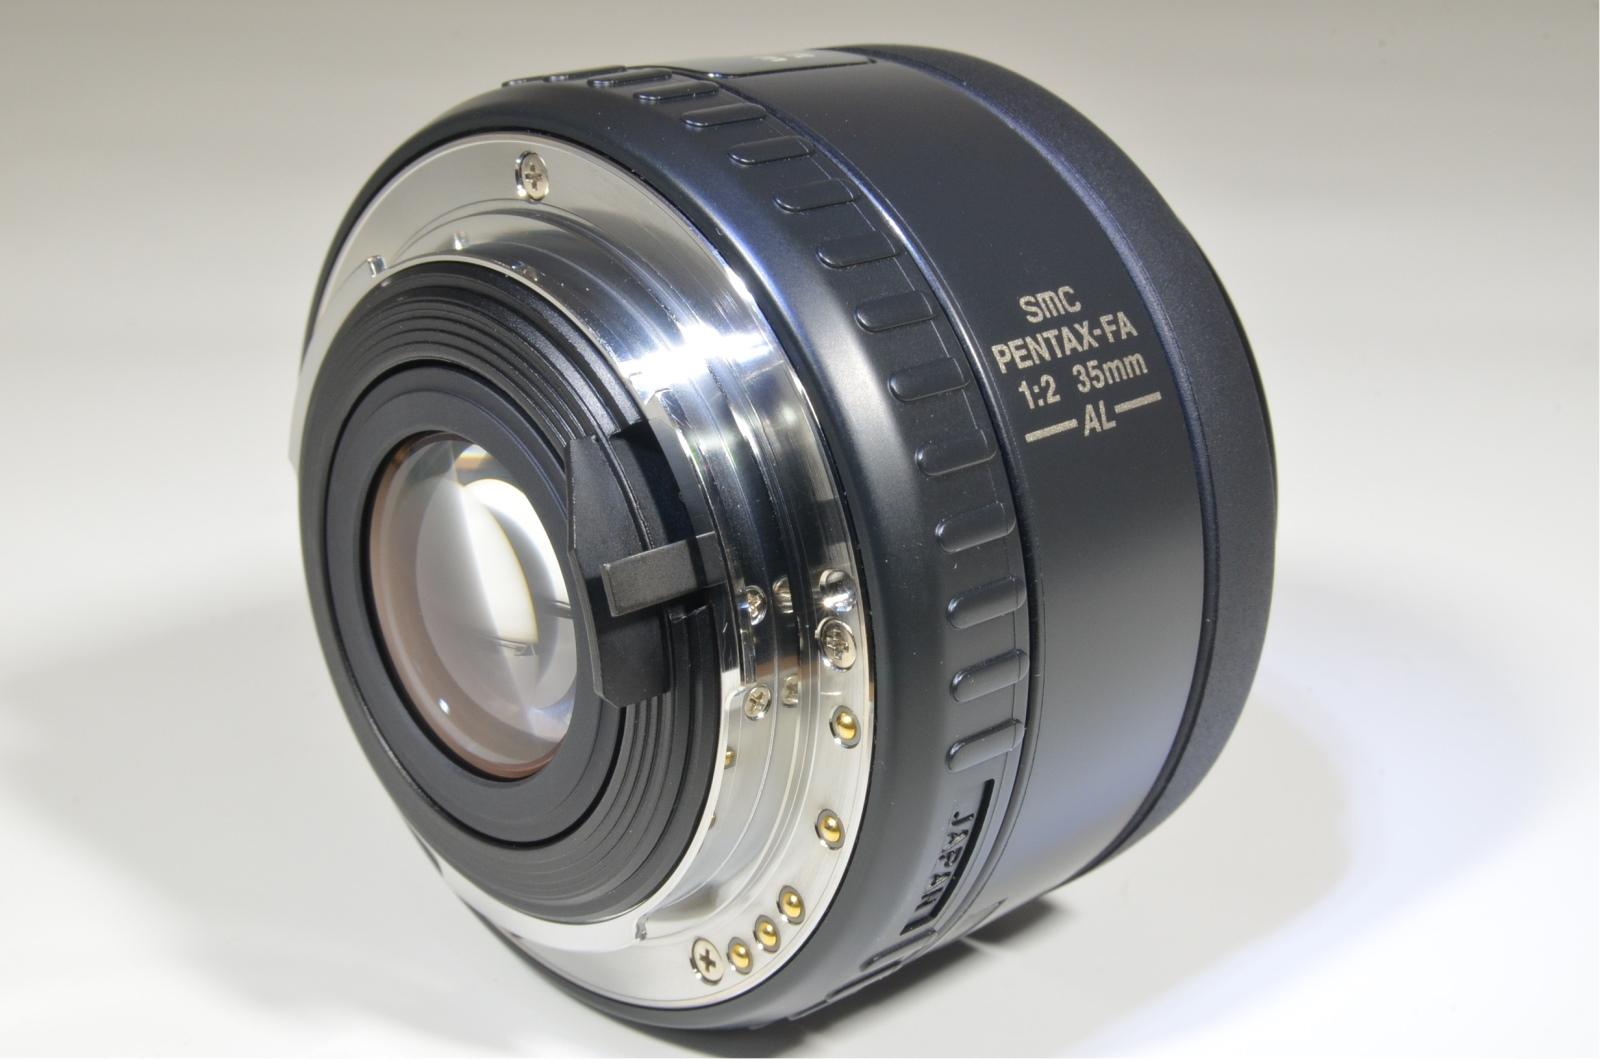 pentax smcp fa 35mm f2 al